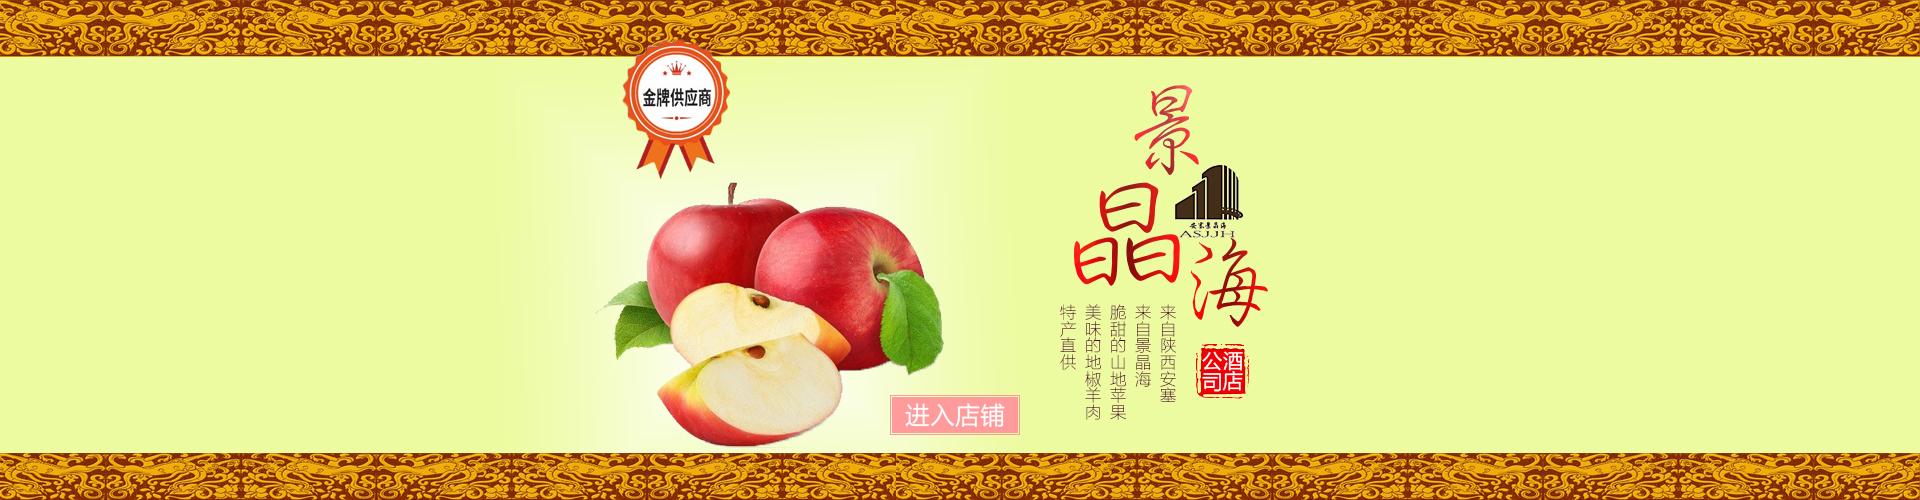 延安山地苹果